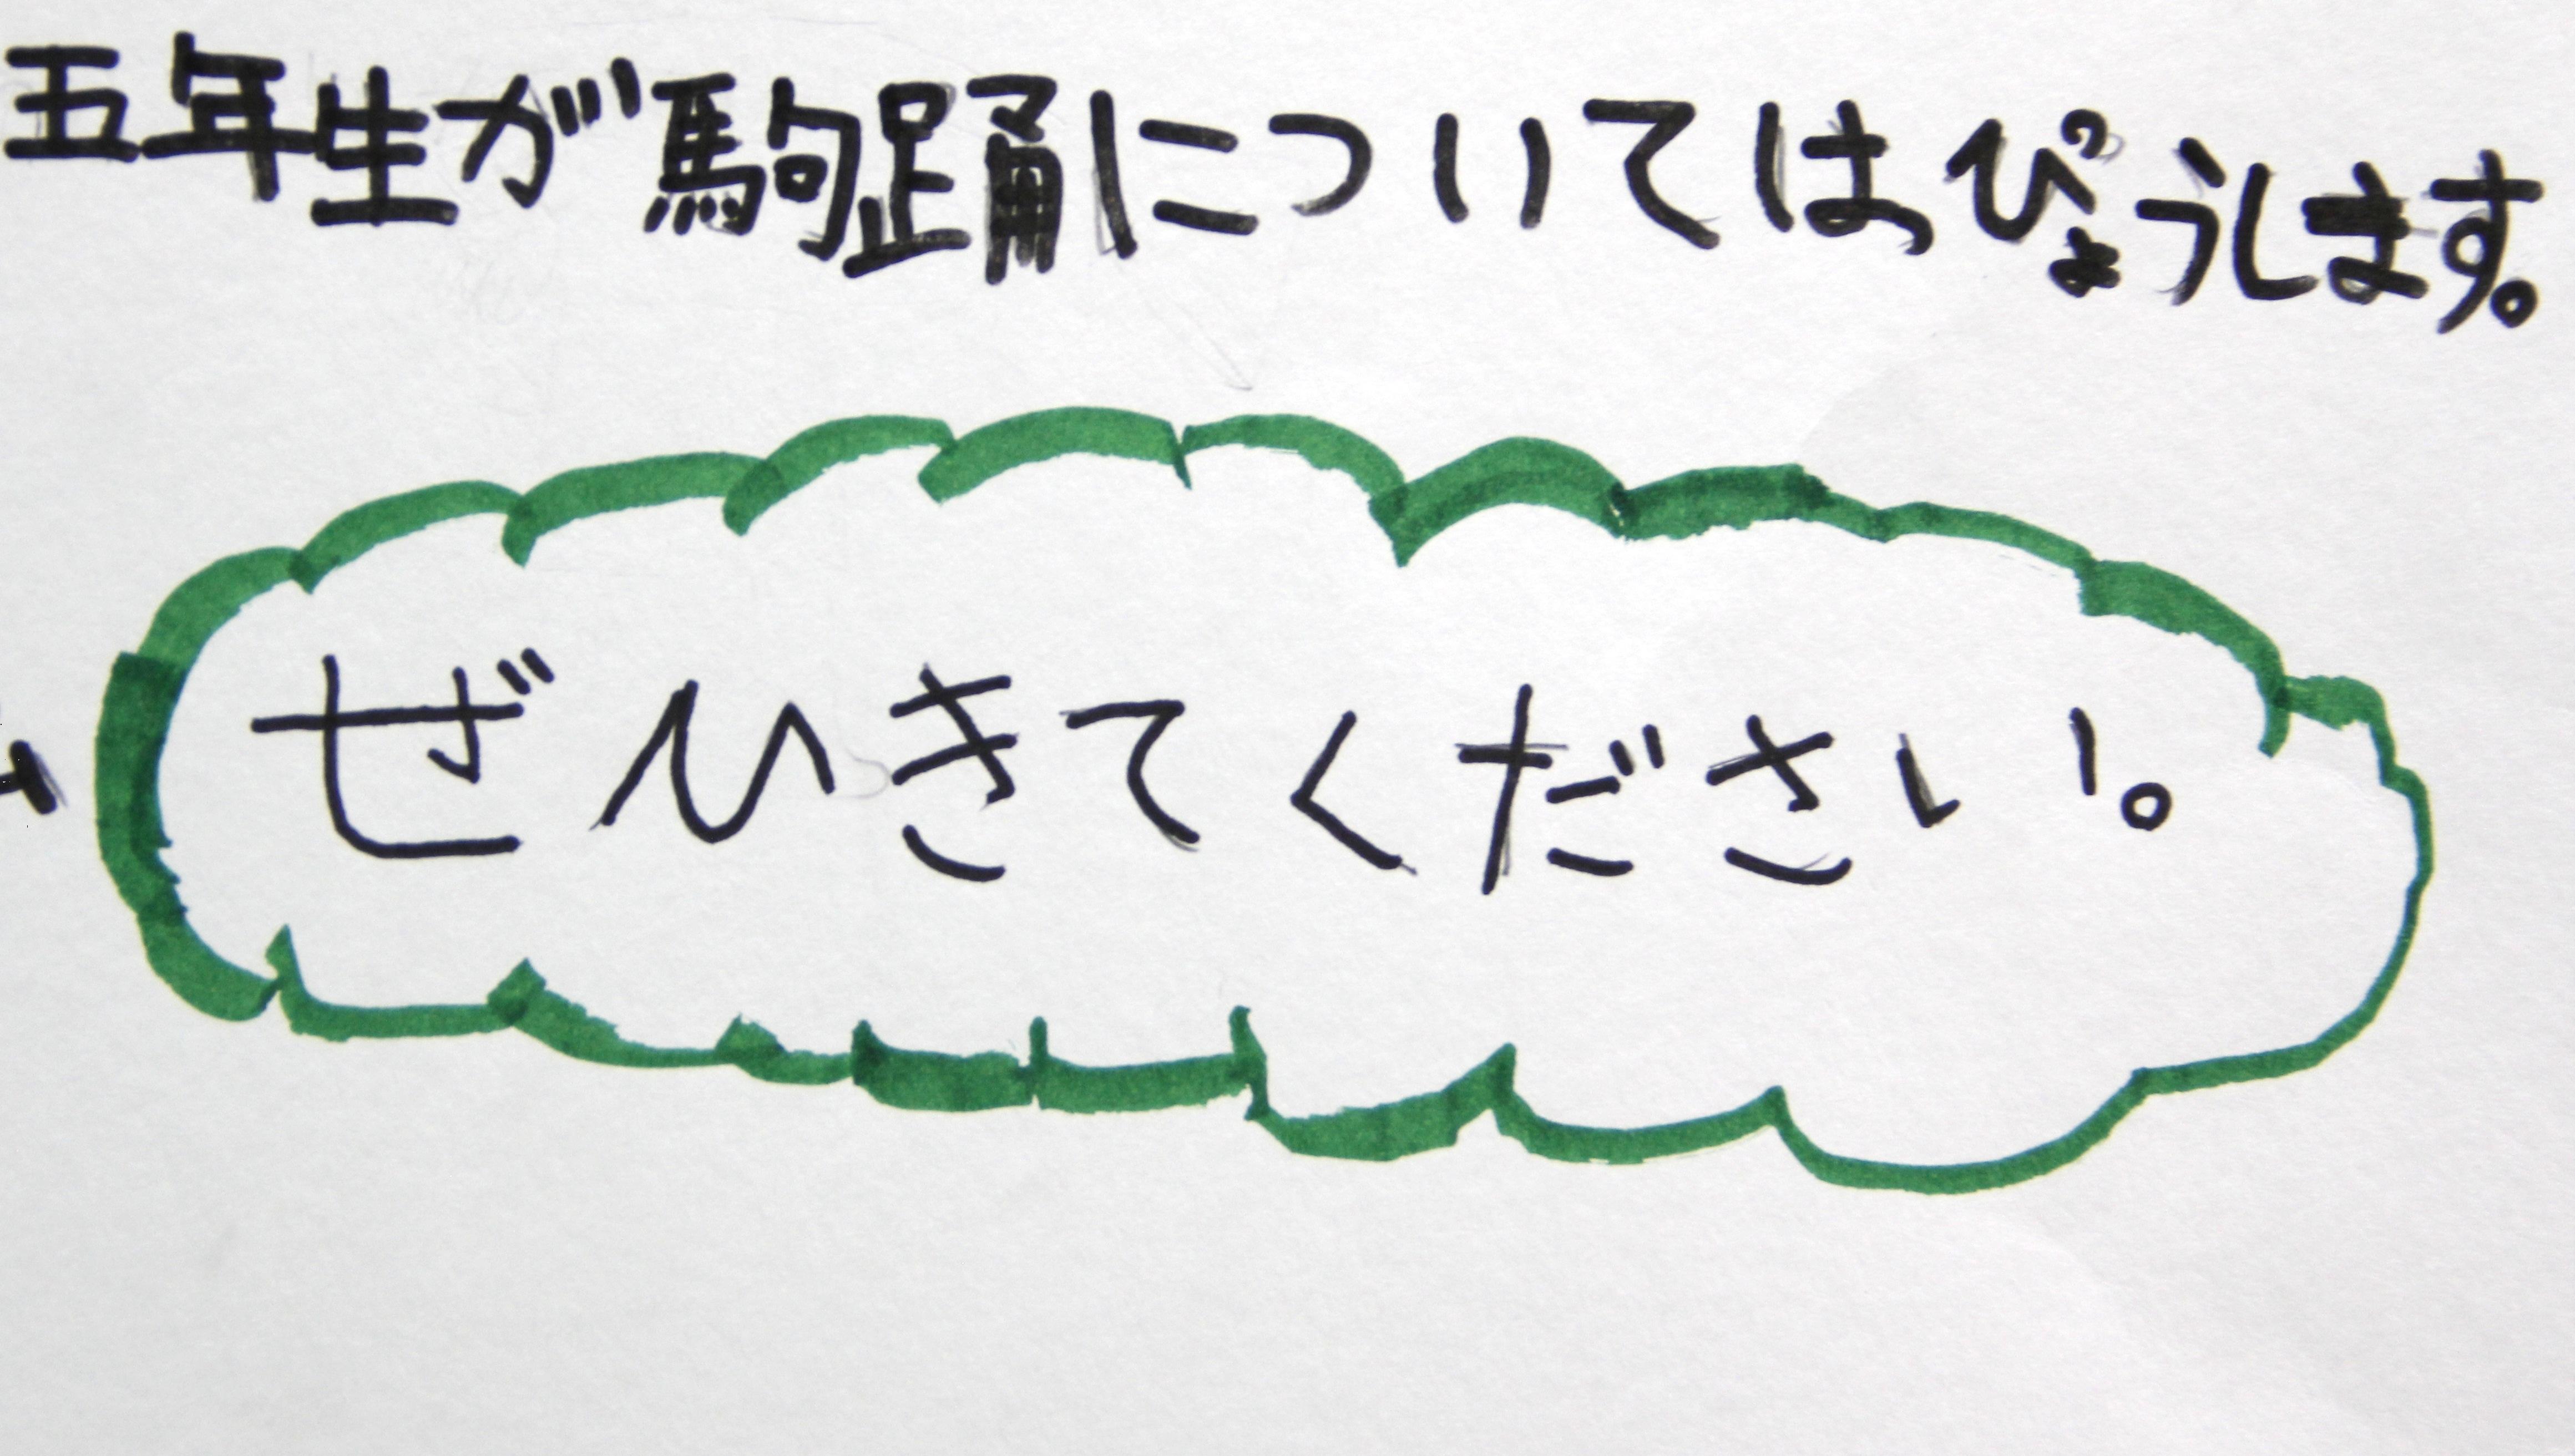 http://hacchi.jp/blog/upload/images/20131112_04.JPG